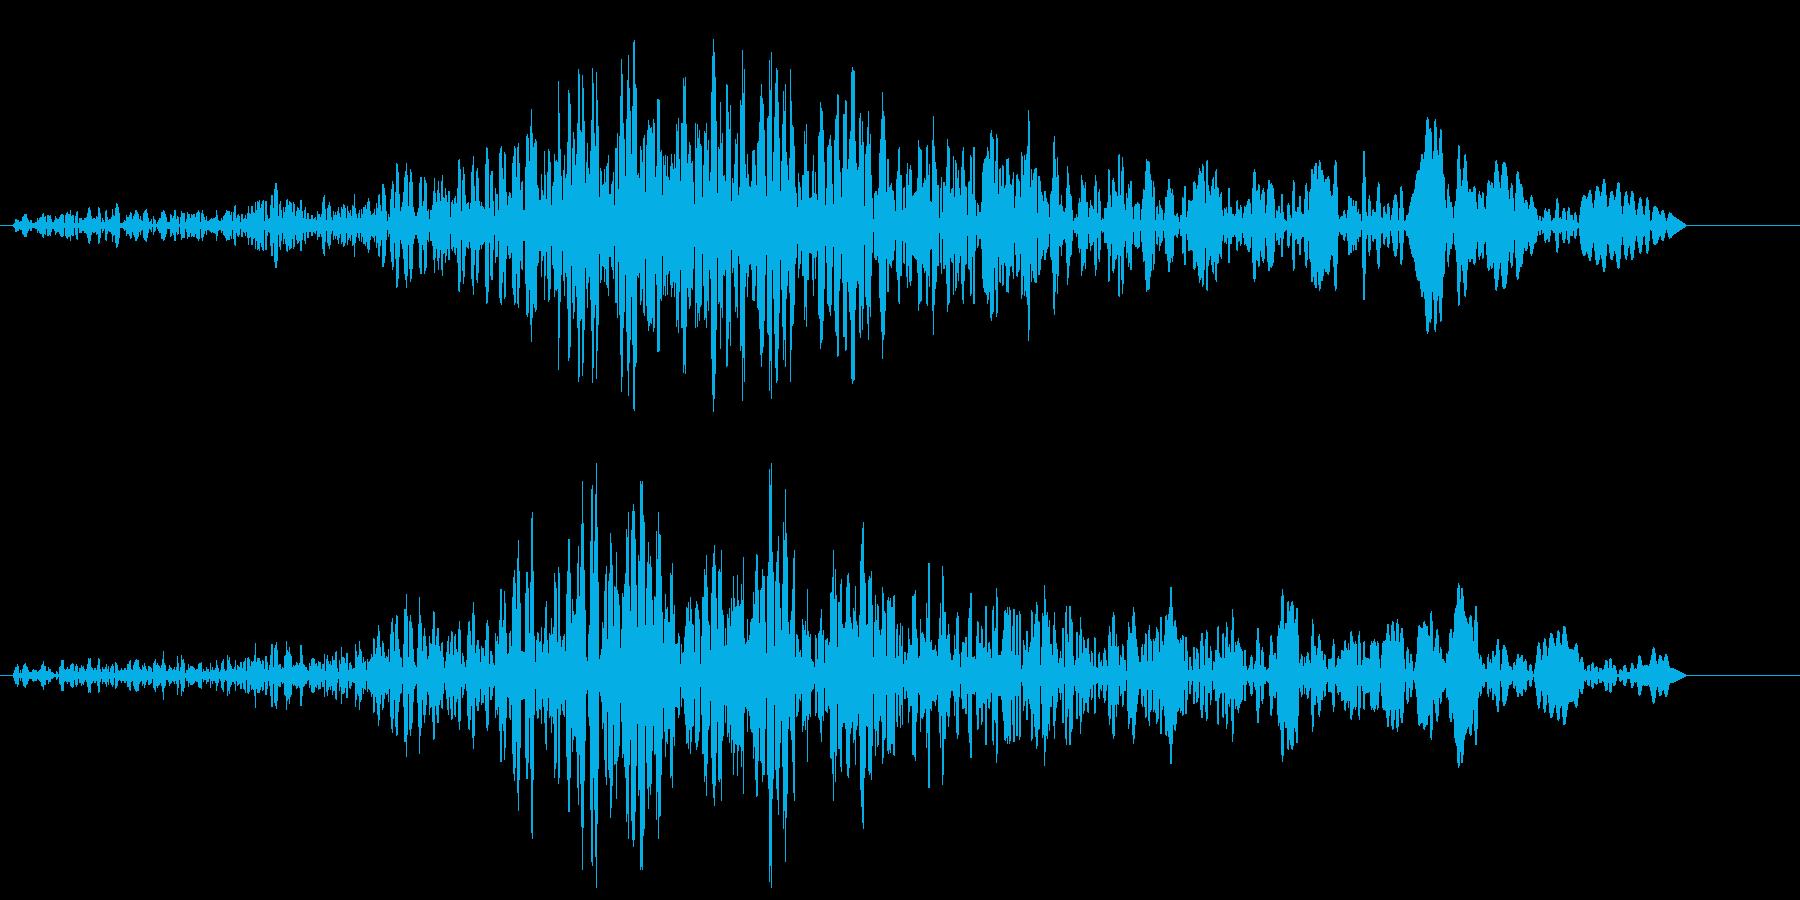 ブォワゥンというハウリング音の再生済みの波形